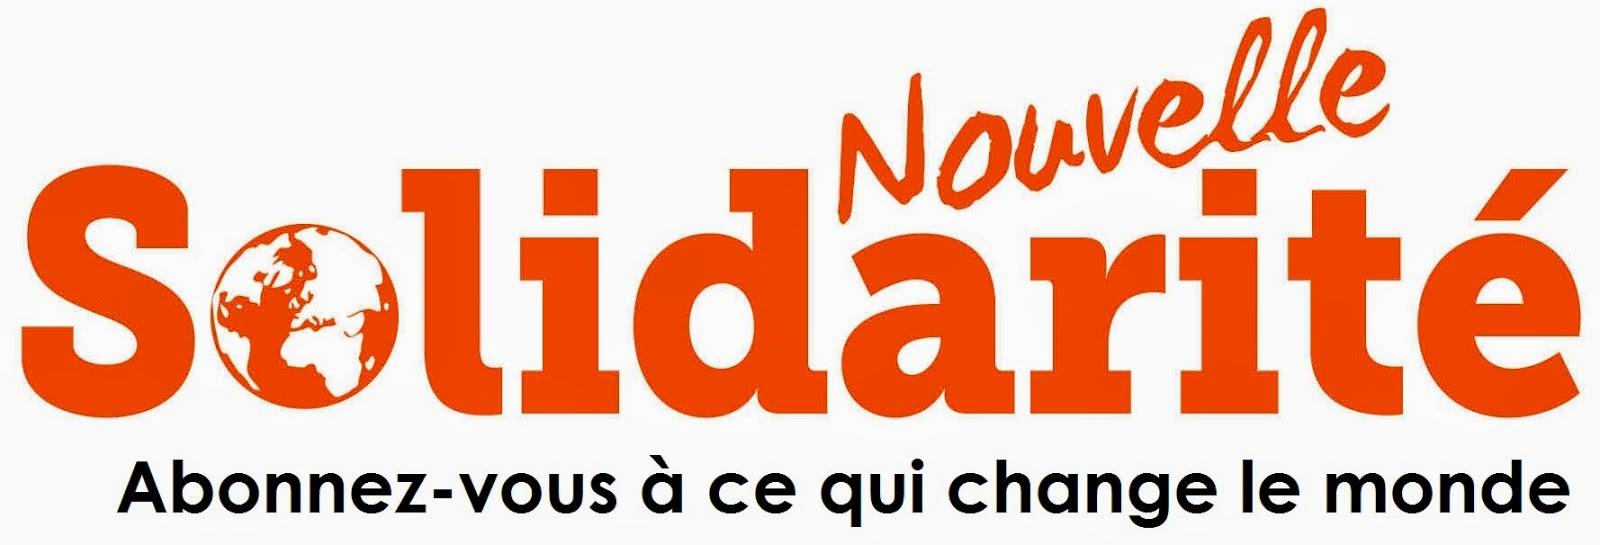 http://www.solidariteetprogres.org/actualites-001/ns-no19-2014-la-revolution-modi.html